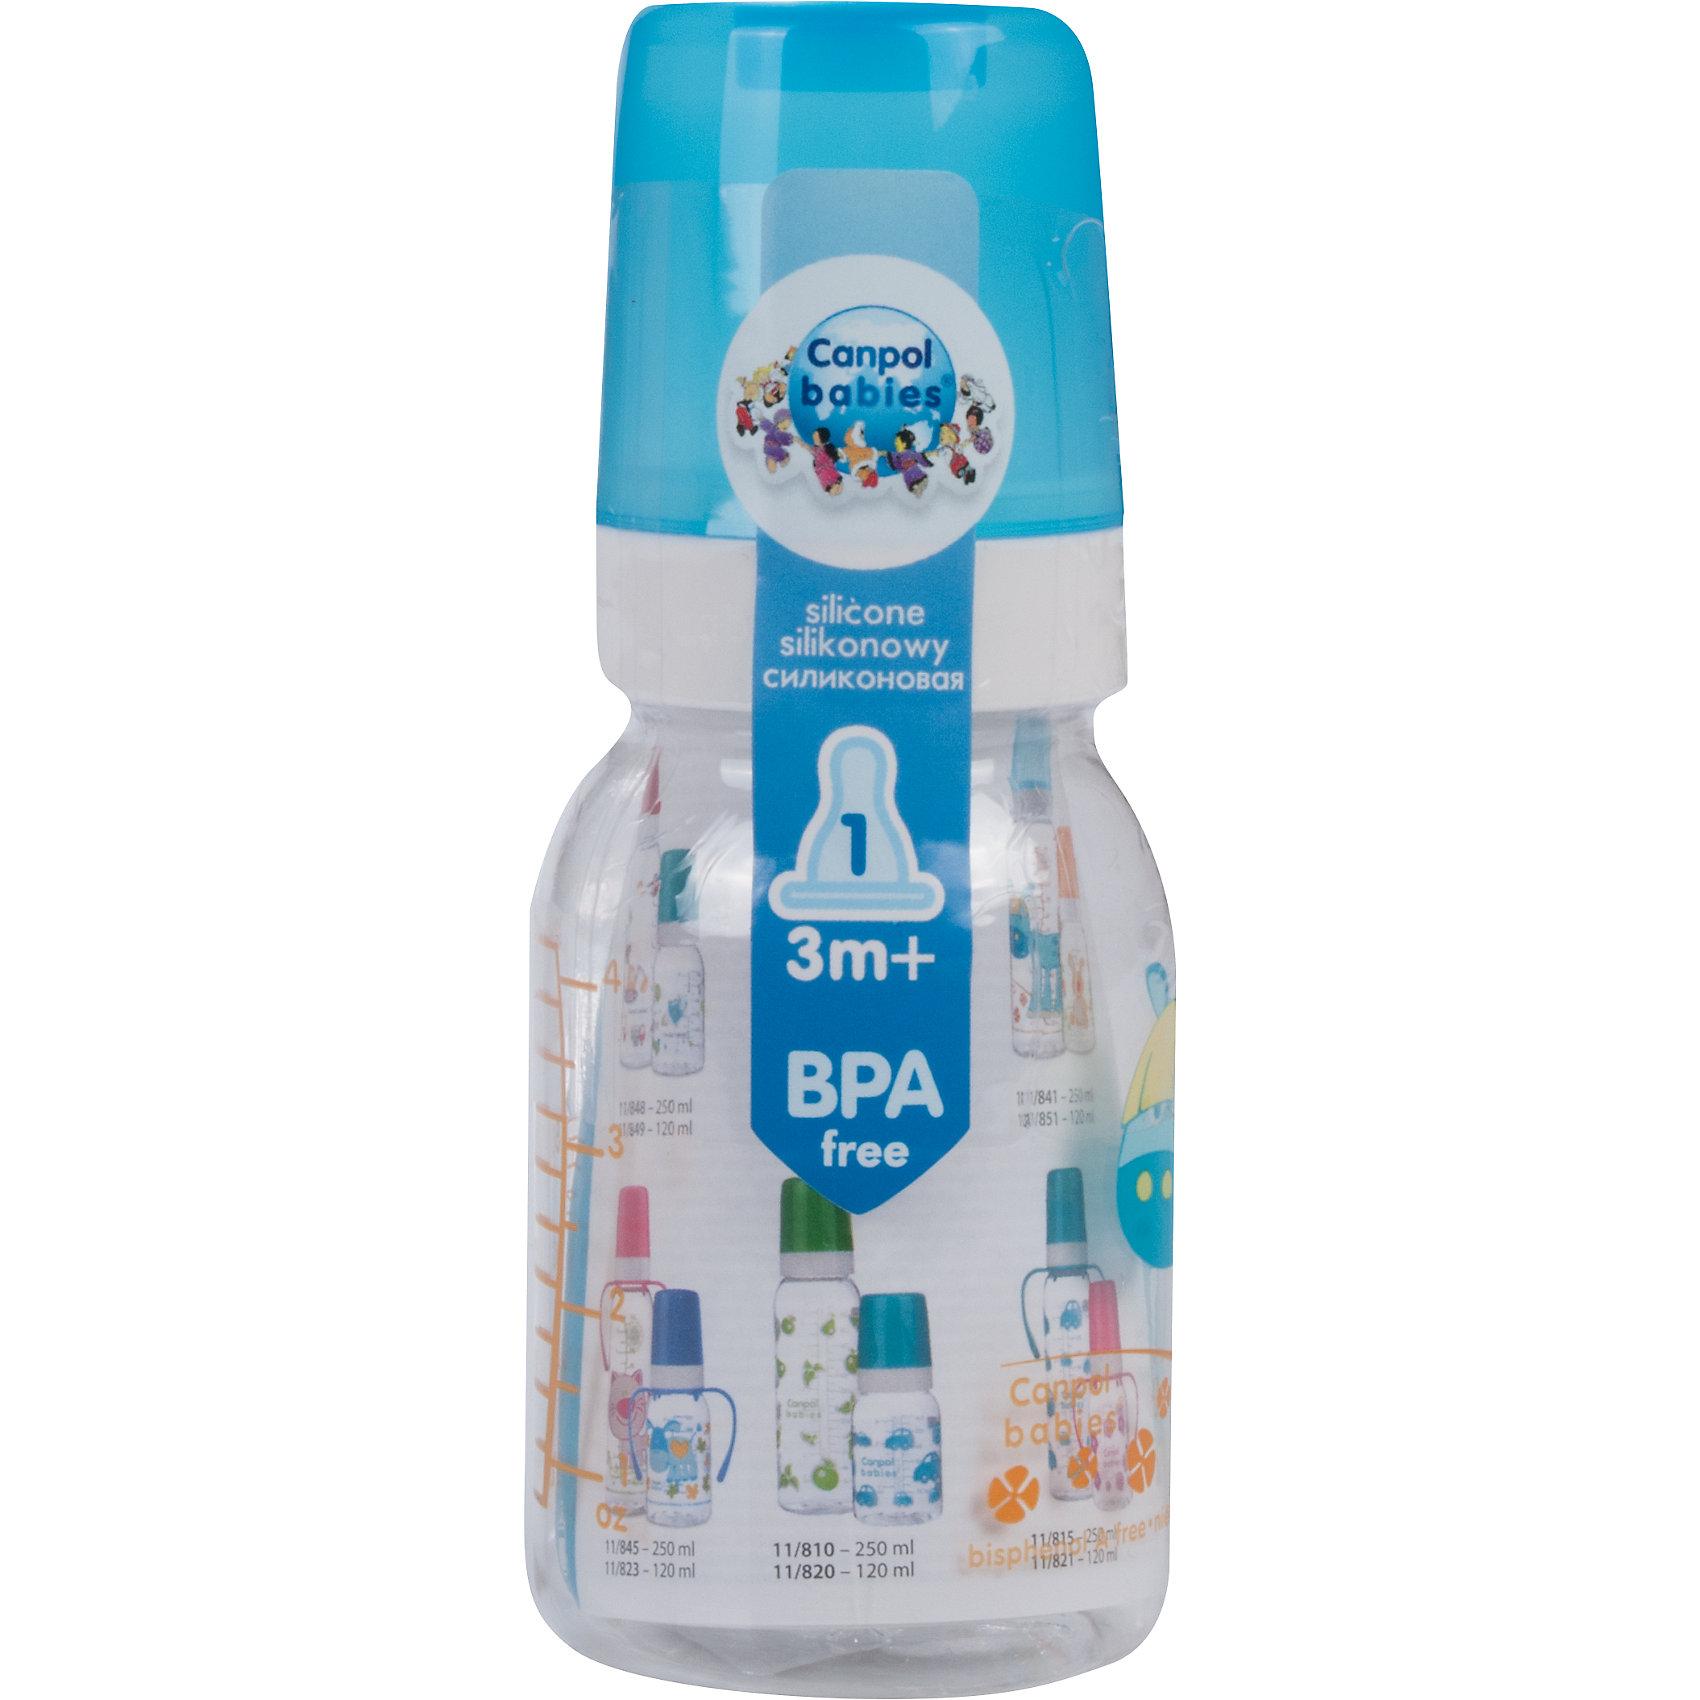 Бутылочка тритановая (BPA 0%) с сил. соской, 120 мл. 3+ Cheerful animals, Canpol Babies, лошадка110 - 180 мл.<br>Бутылочка тритановая (BPA 0%) с сил. соской, 120 мл. 3+ Cheerful animals, Canpol Babies, (Канпол Бейбис), лошадка.<br><br>Характеристики: <br><br>• Объем бутылочки: 120мл.<br>• Материал бутылочки: тритан - пластик нового поколения.<br>• Материал соски: силикон.<br>• Цвет : синий. <br>Бутылочка тритановая (BPA 0%) с сил. соской, 120 мл. 3+ Cheerful animals, Canpol Babies, (Канпол Бейбис) имеет классическую форму. Удобна в использовании дома и в дороге. Бутылочка выполнена из безопасного качественного материала - тритана, который хорошо держит тепло, снабжена силиконовой соской (медленный поток) и защитным колпачком, имеет удобную мерную шкалу.  Такую бутылочку и все части можно кипятить в воде или стерилизовать с помощью специального прибора. Не впитывает запахи. Бутылочка выполнена в синем цвете, украшена  забавным принтом – лошадка.<br>Бутылочка тритановая (BPA 0%) с сил. соской, 120 мл. 3+ Cheerful animals, Canpol Babies, (Канпол Бейбис), лошадка можно купить в нашем интернет- магазине.<br><br>Ширина мм: 65<br>Глубина мм: 54<br>Высота мм: 175<br>Вес г: 520<br>Возраст от месяцев: 3<br>Возраст до месяцев: 18<br>Пол: Унисекс<br>Возраст: Детский<br>SKU: 5156801